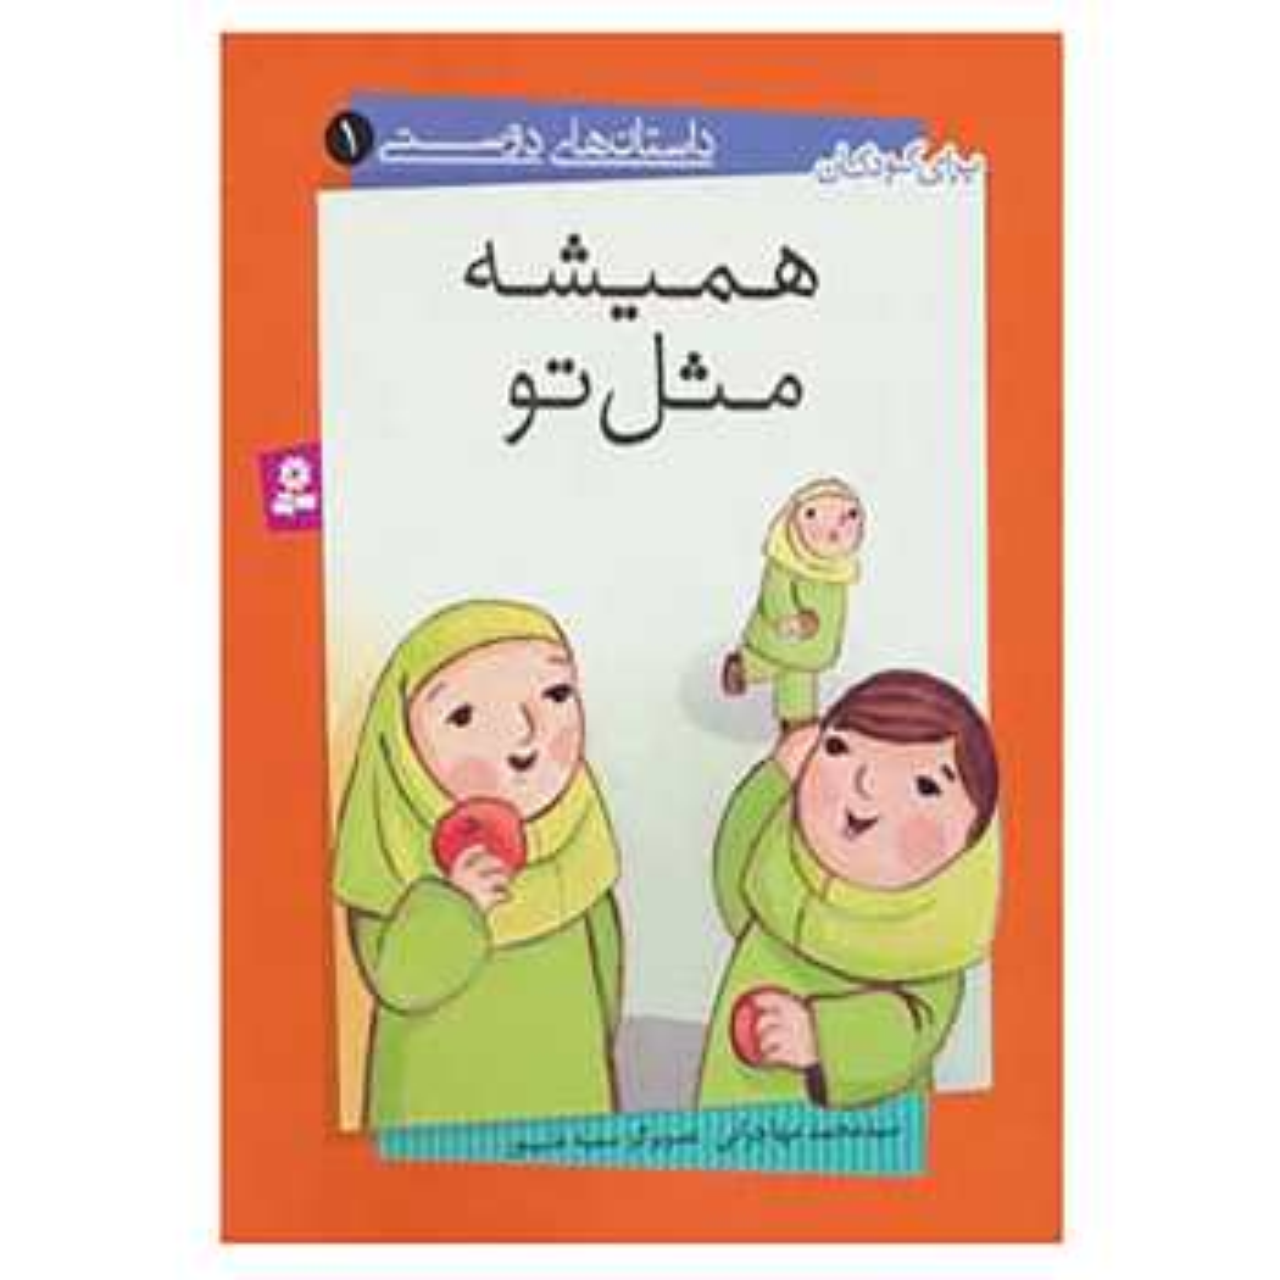 کتاب داستان های دوستی همیشه مثل تواثر محمد مهاجرانی انتشارات قدیانی جلد 1